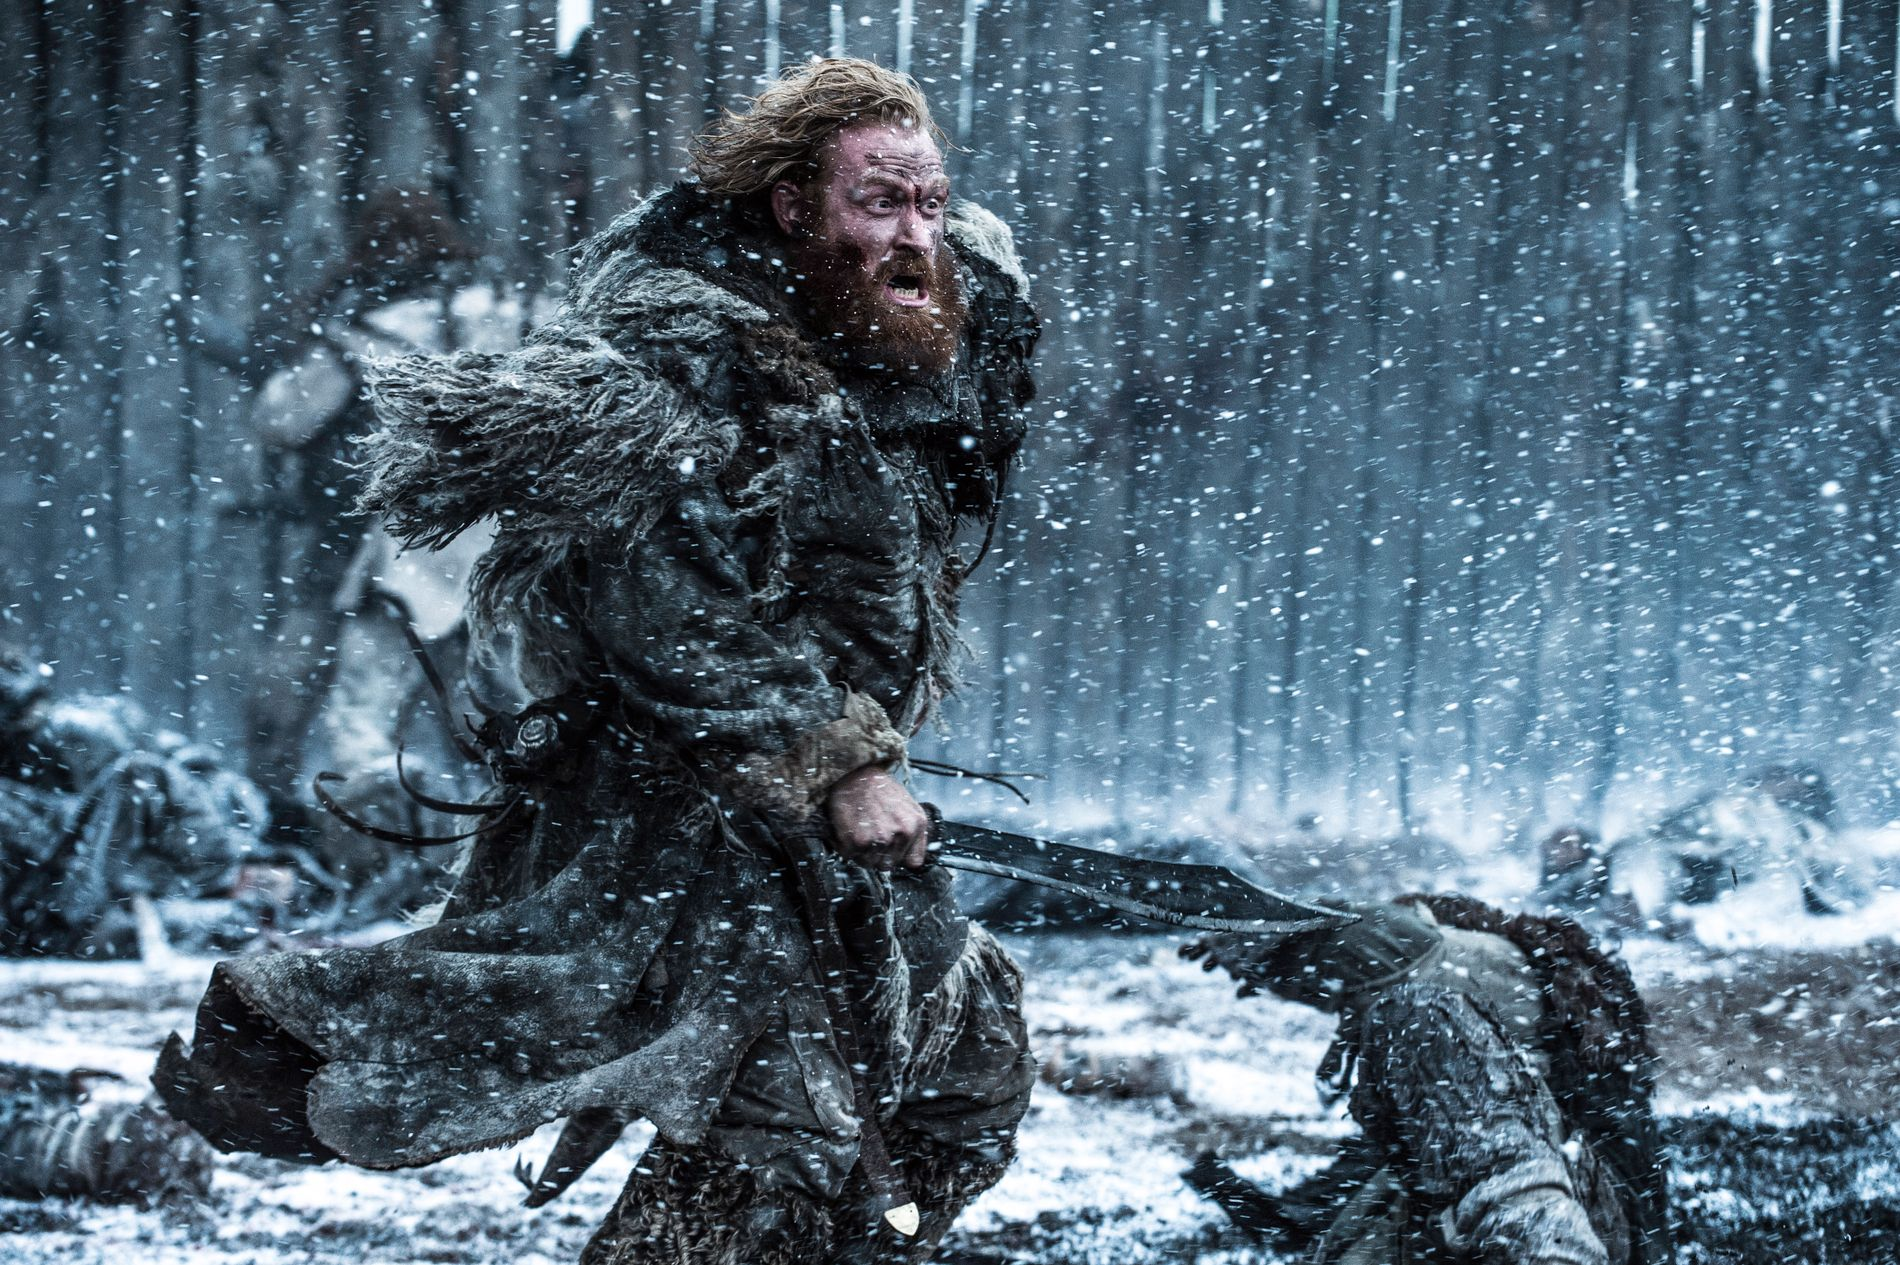 NORSK INNSLAG: Tormund Giantsbane (Kristofer Hivju) i aksjon i slaget mot whitewalkers i sesong 5.